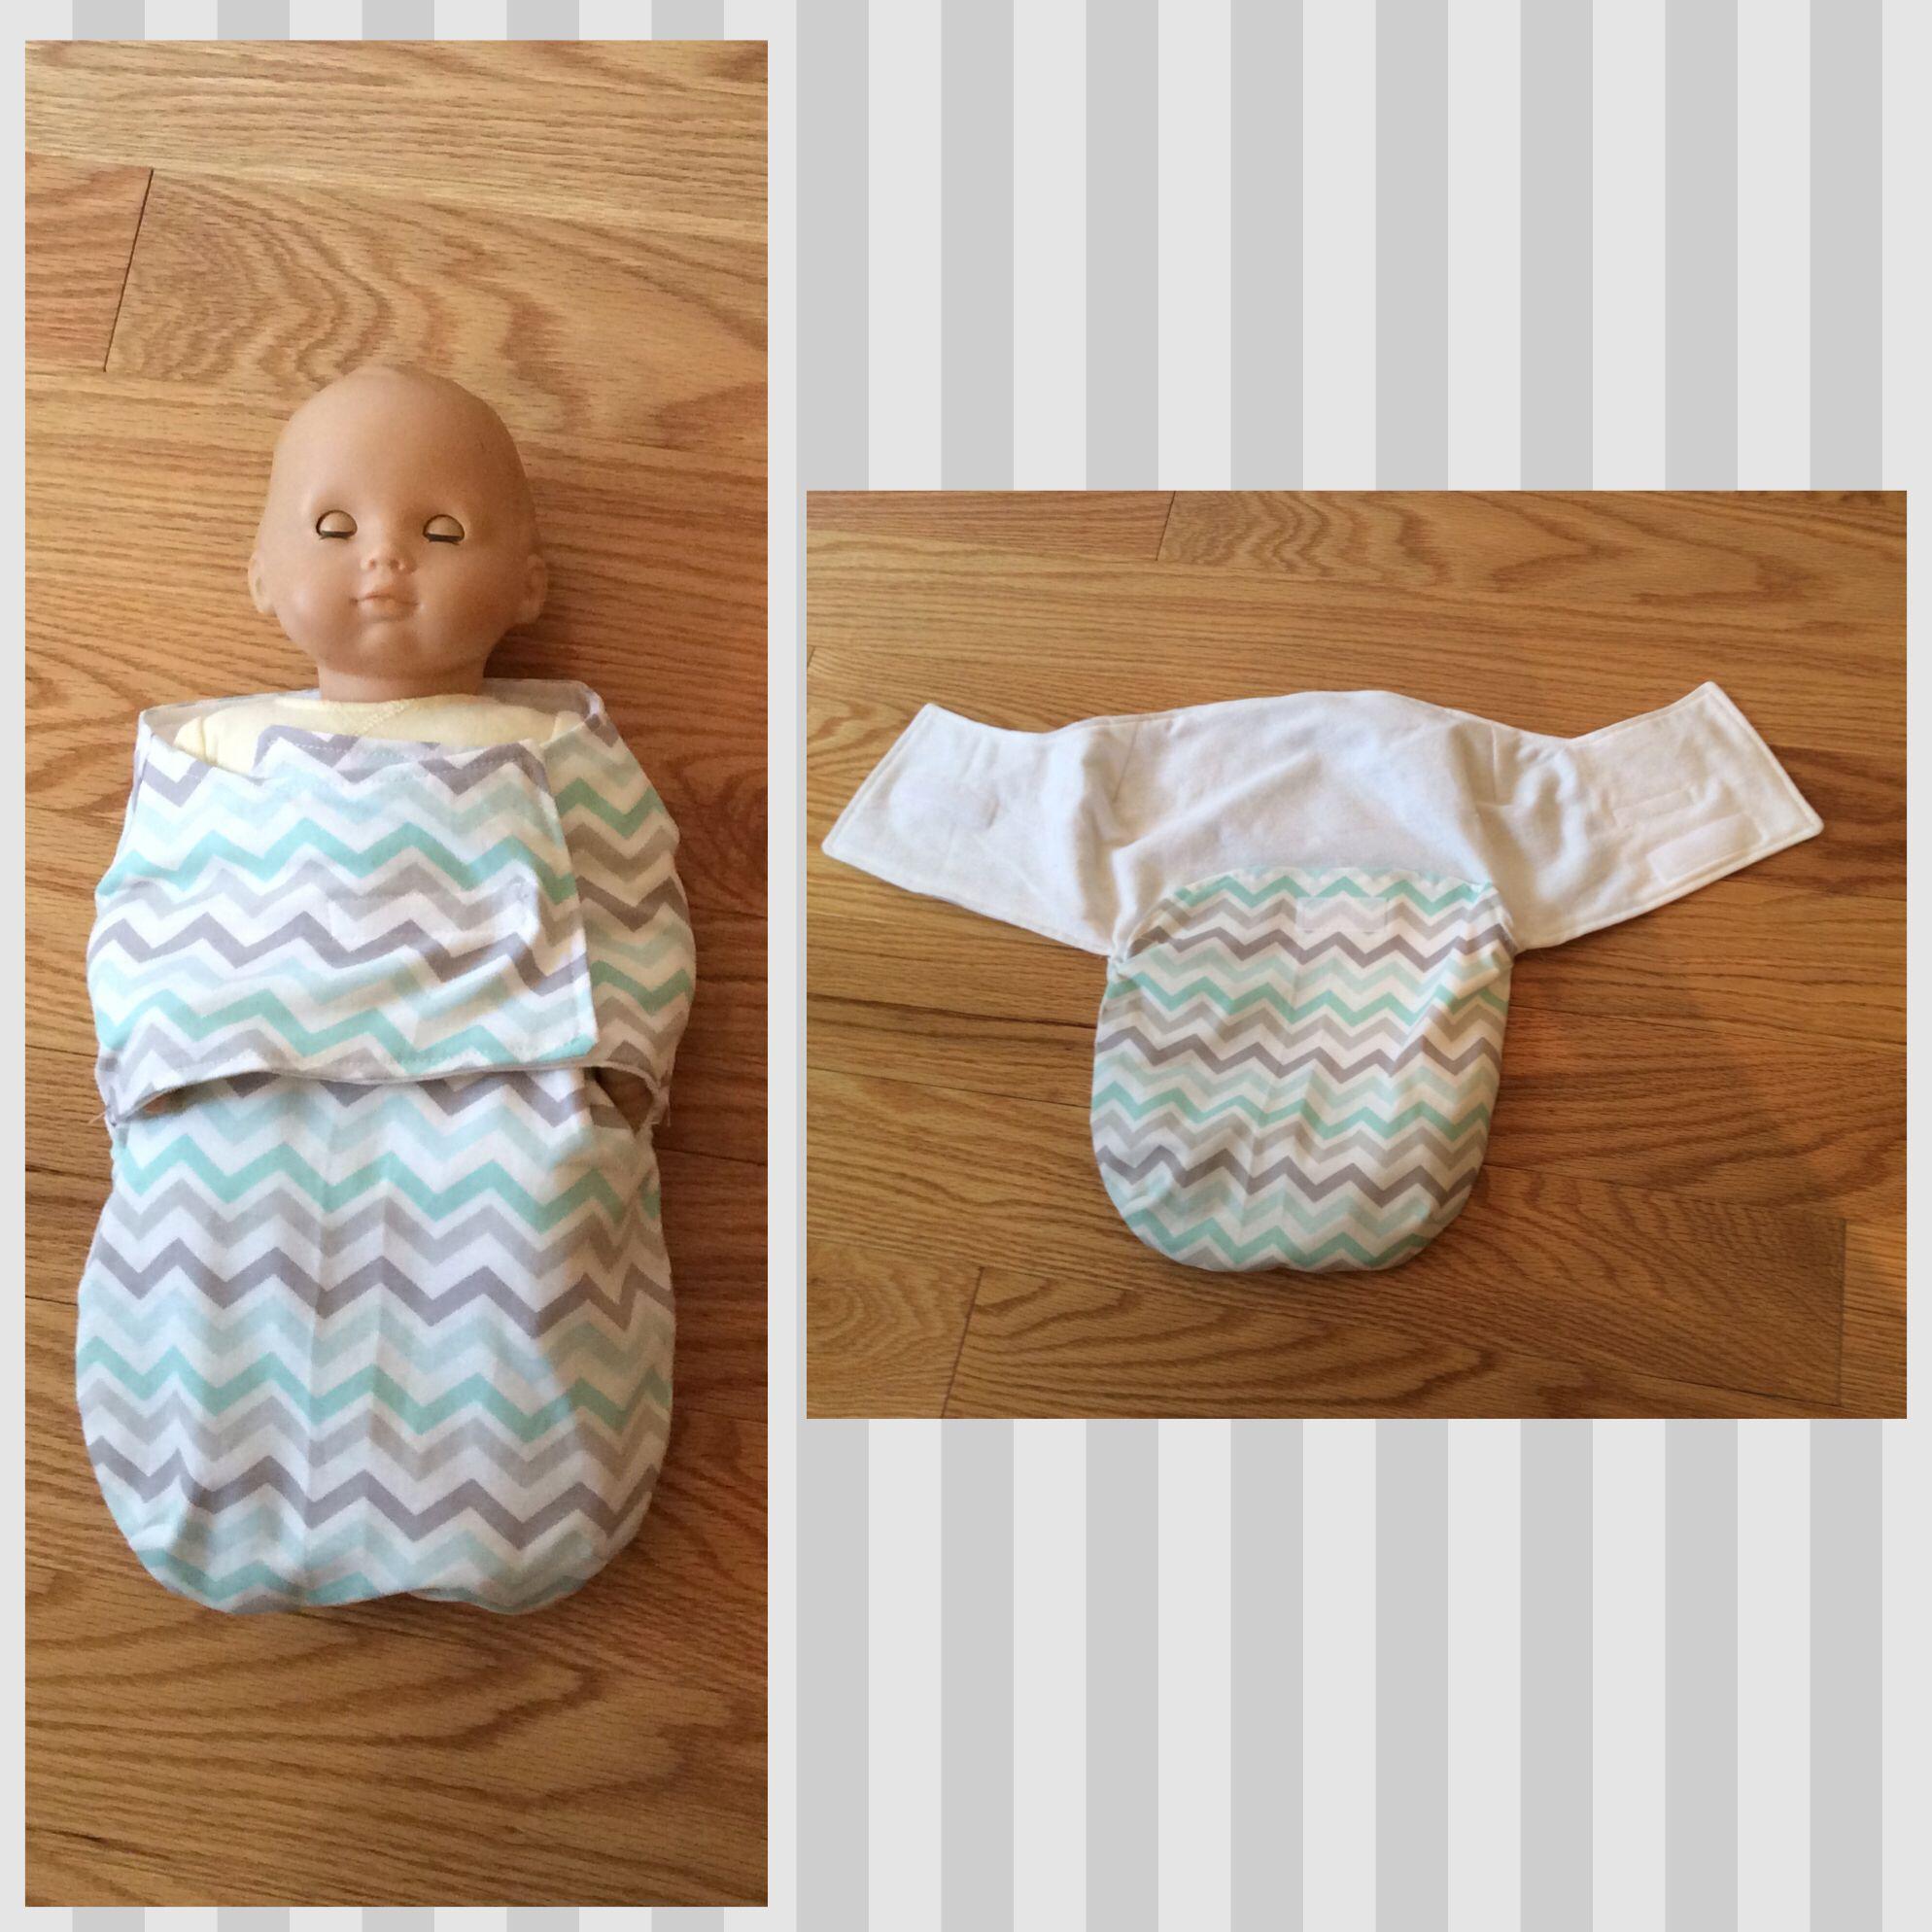 Snuggler Baby Swaddle Pattern | Puppenkleider, Nähen fürs Baby und ...